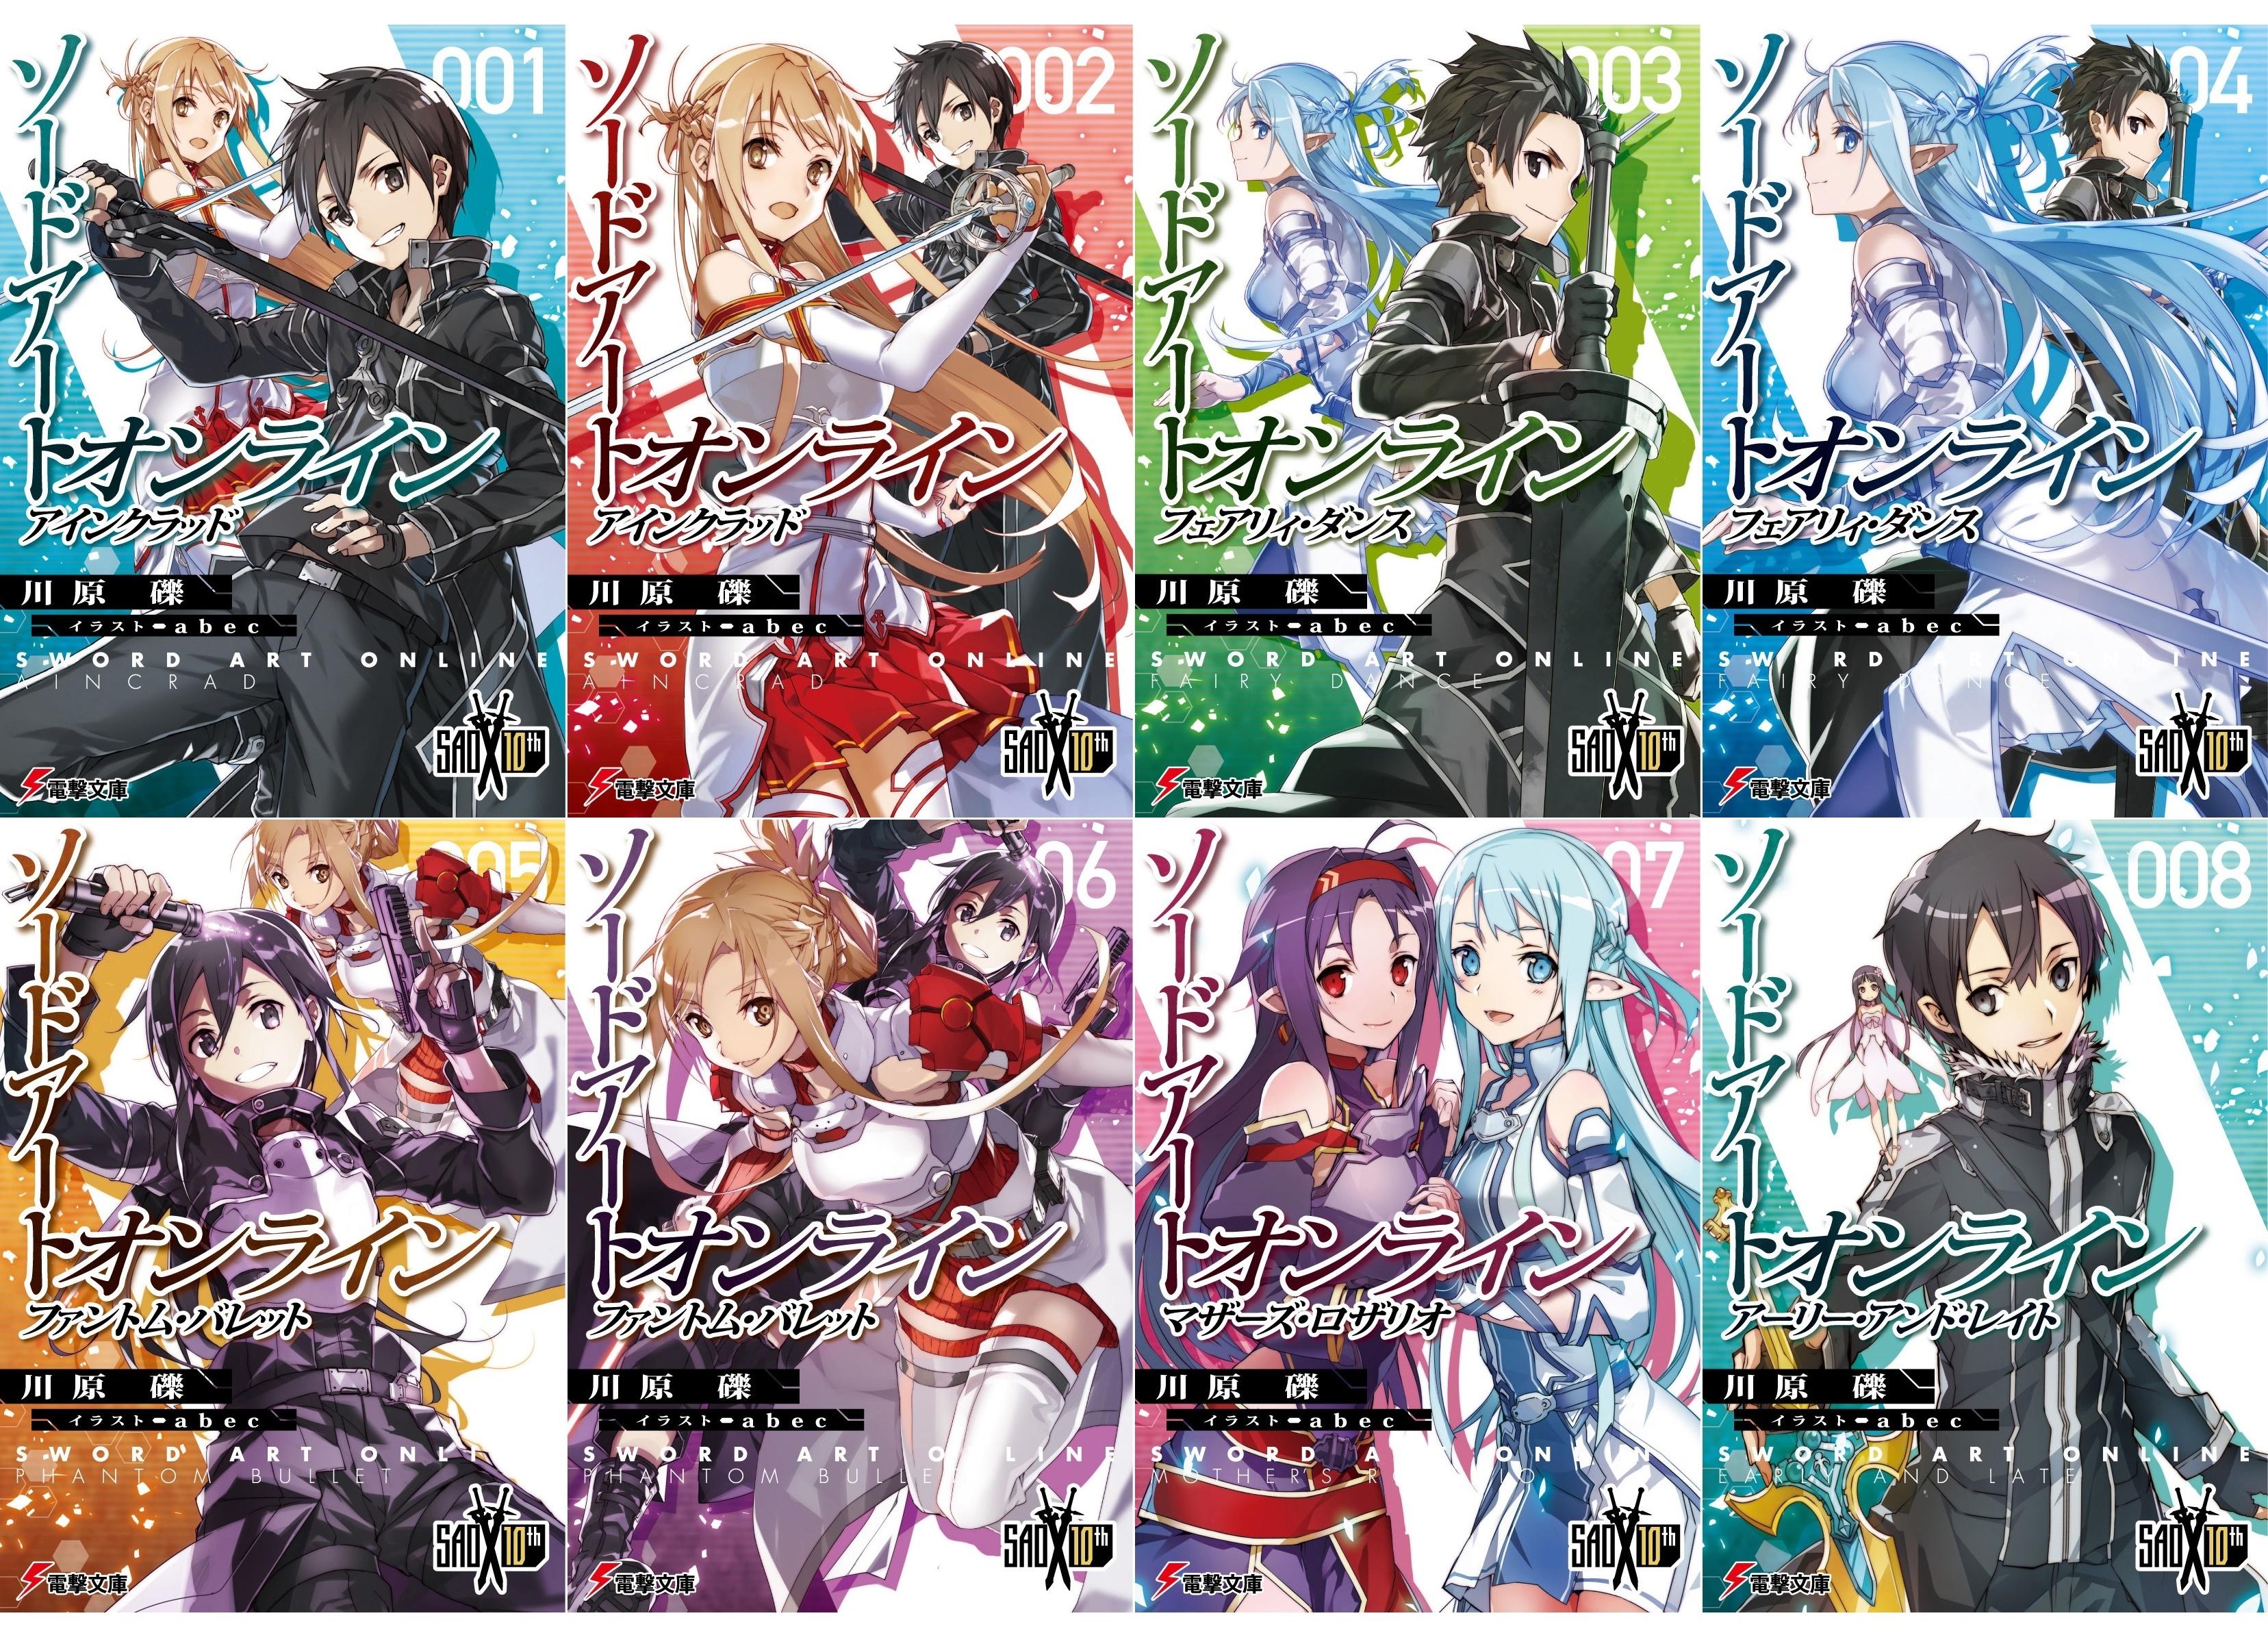 電撃文庫『SAO』期間限定カバー付きで発売!短編小説集も